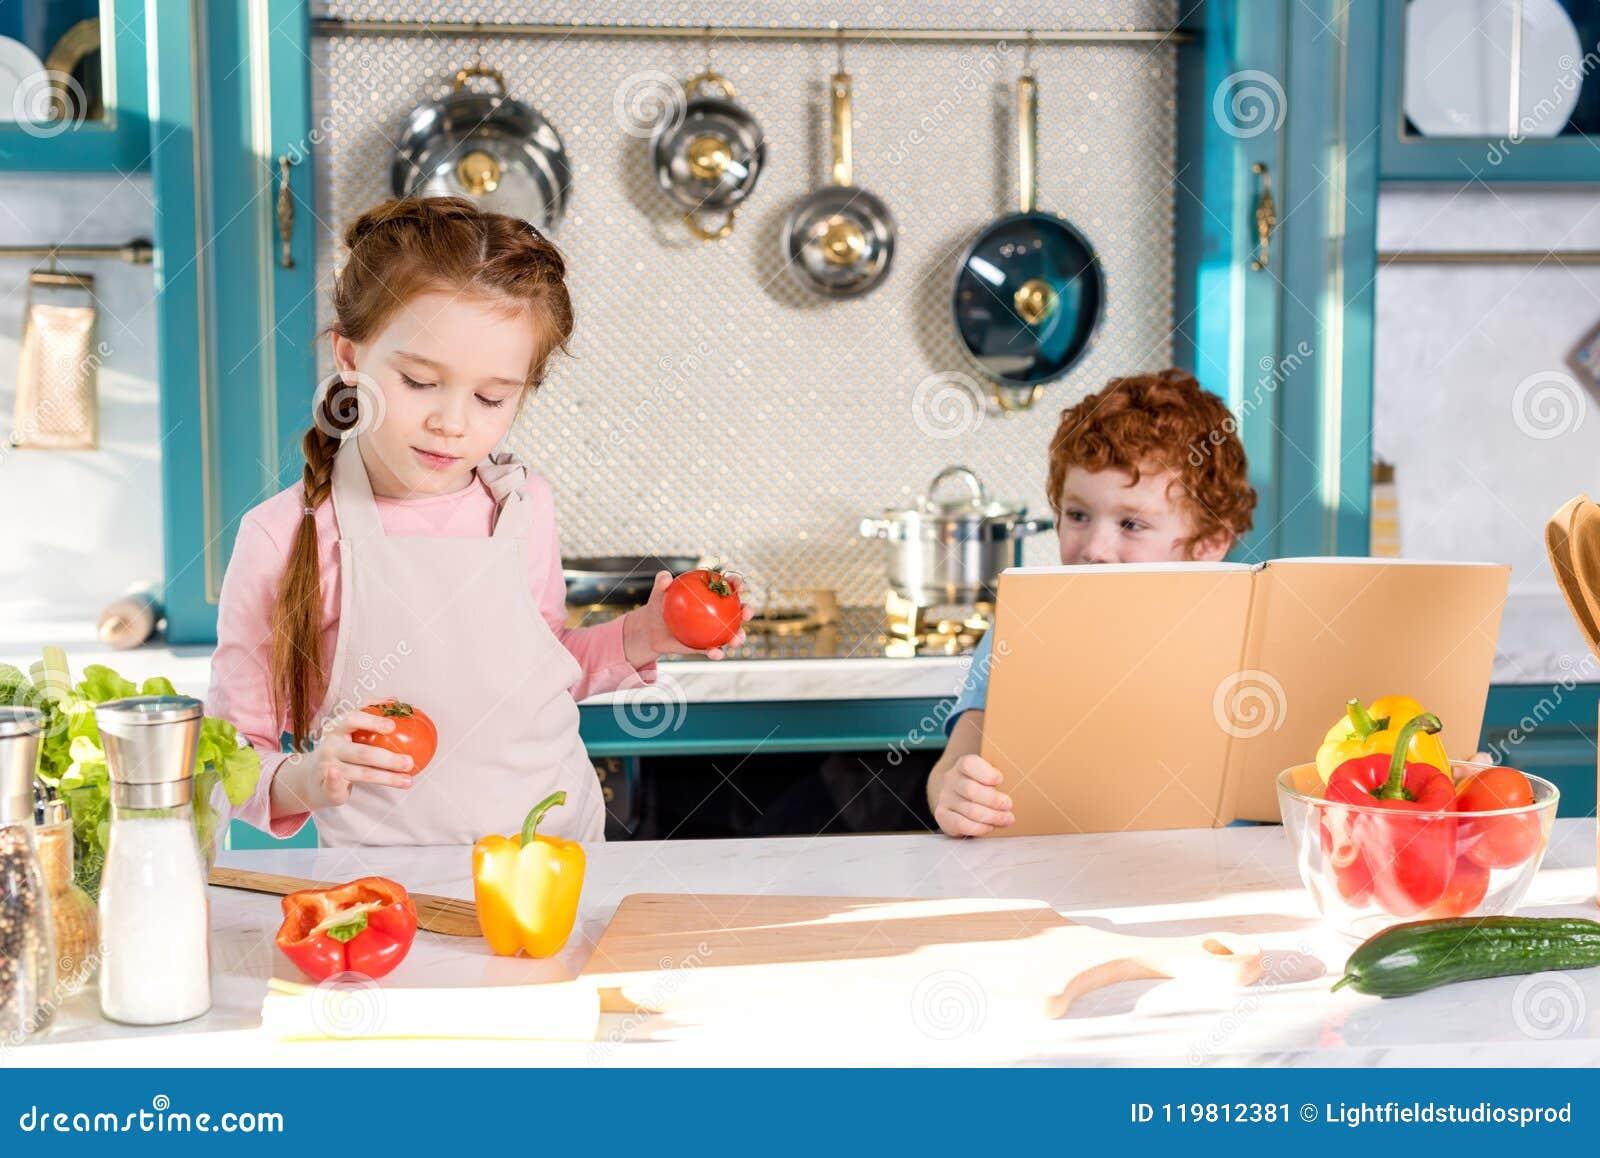 дети при поваренная книга и овощи варя совместно